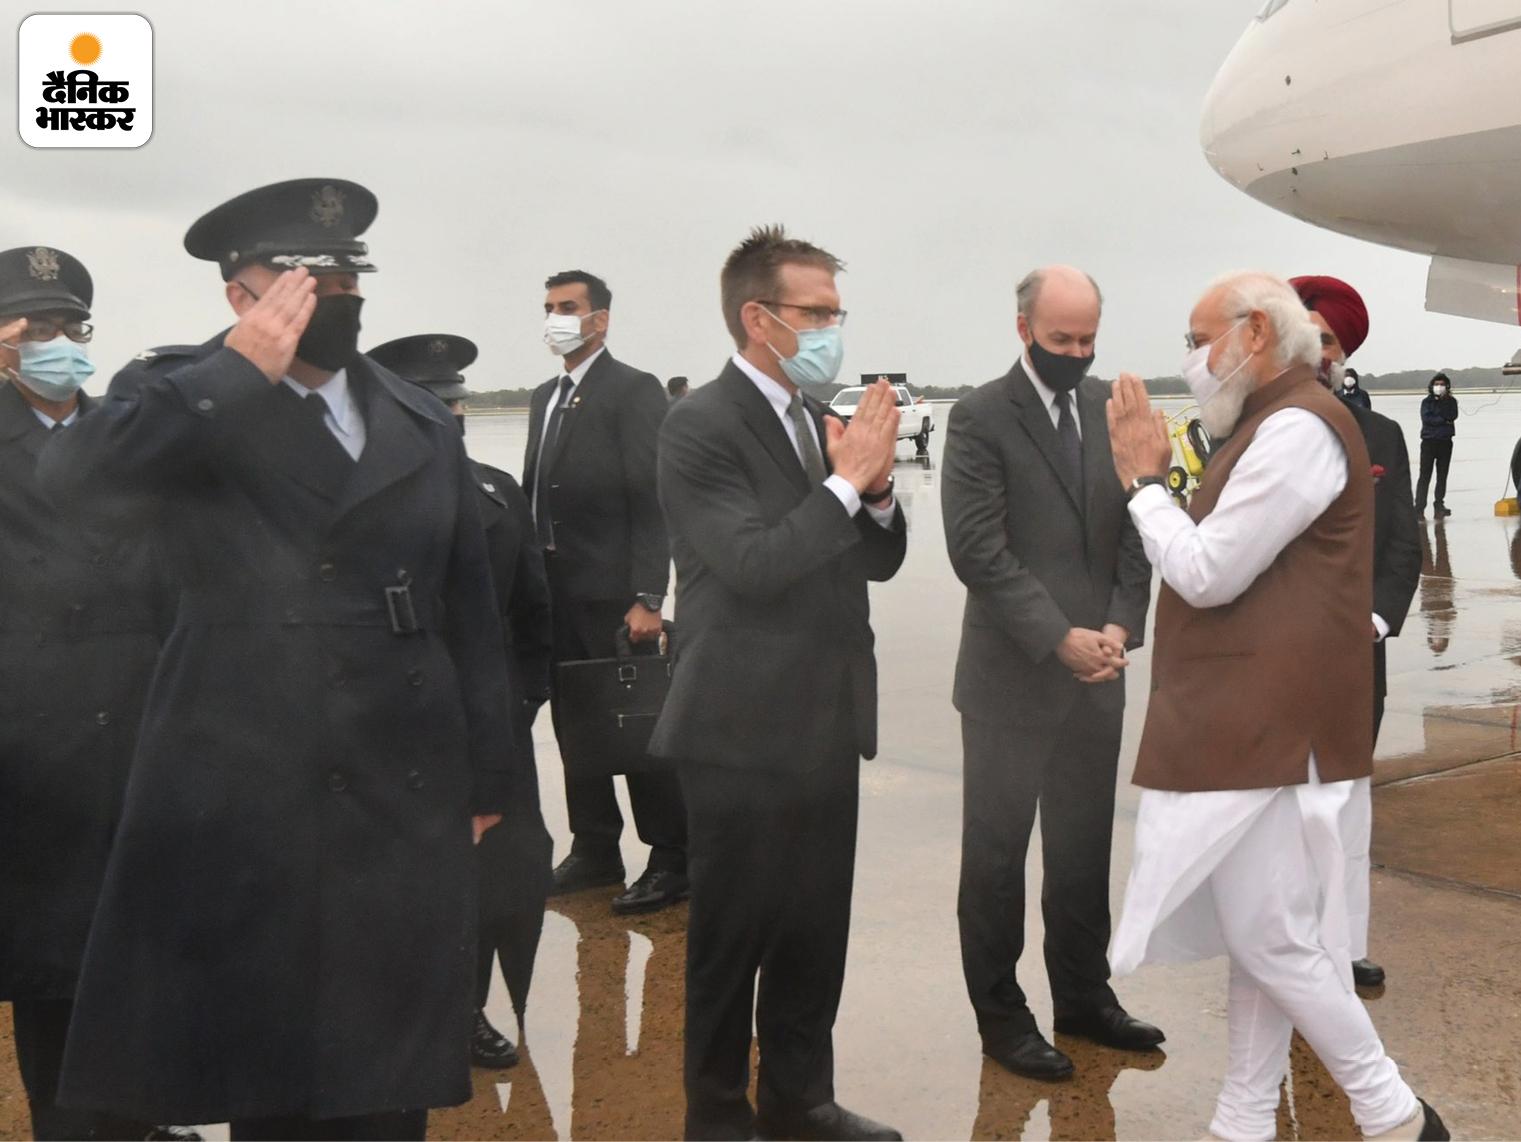 मोदी की अगवानी के लिए अमेरिकी अधिकारी एयरपोर्ट पर मौजूद थे।